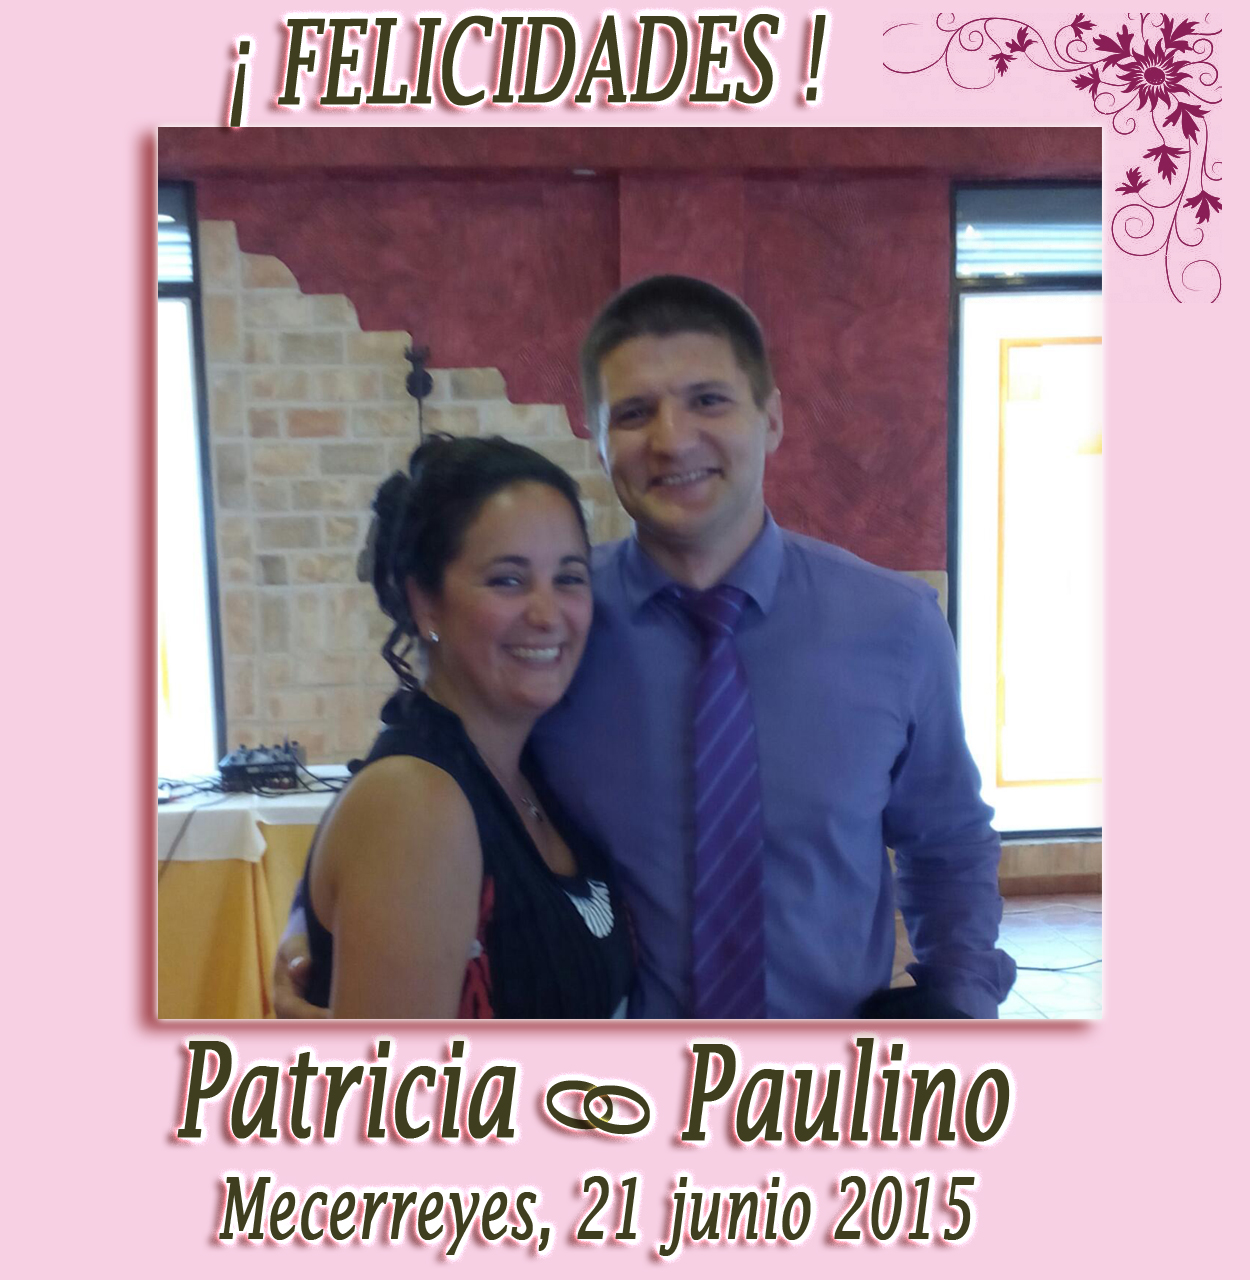 Boda Patricia y Paulino, Mecerreyes 21 de junio de 2015